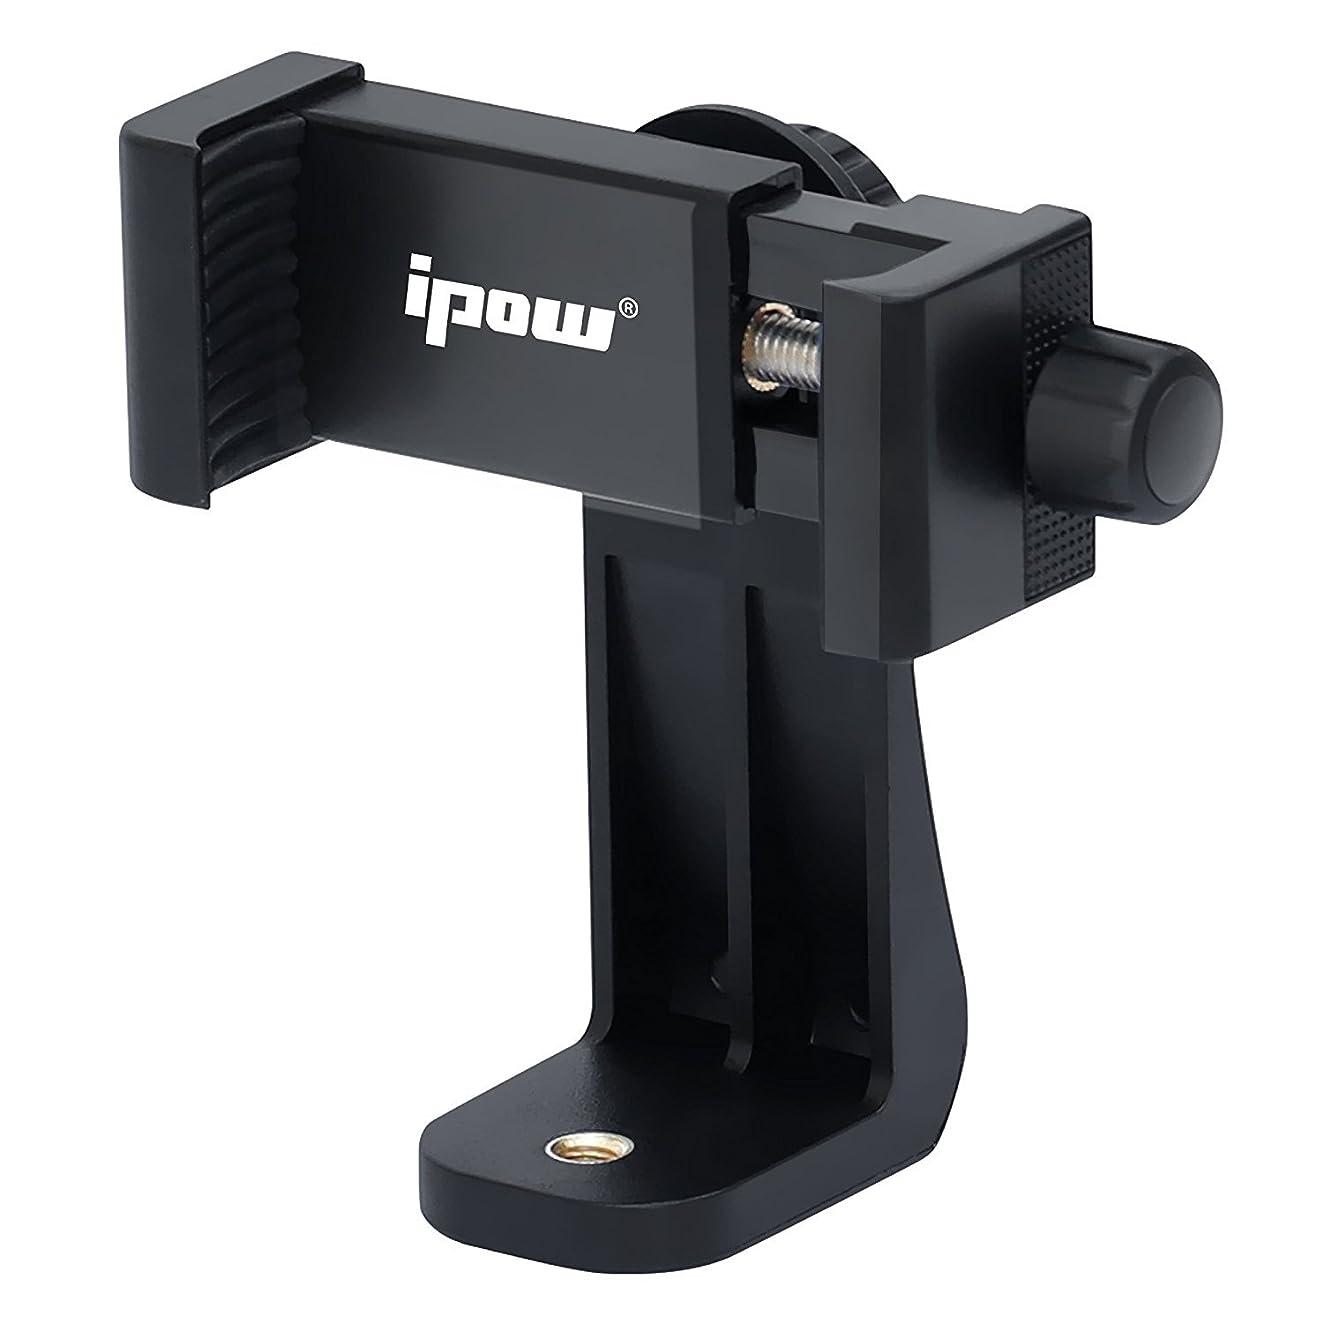 ムスタチオ策定する黙Ipow スマートフォン用ホルダー スマホスタンド 1/4インチネジ 一脚/三脚/自撮り棒用 スタンドクリップ 多機種対応